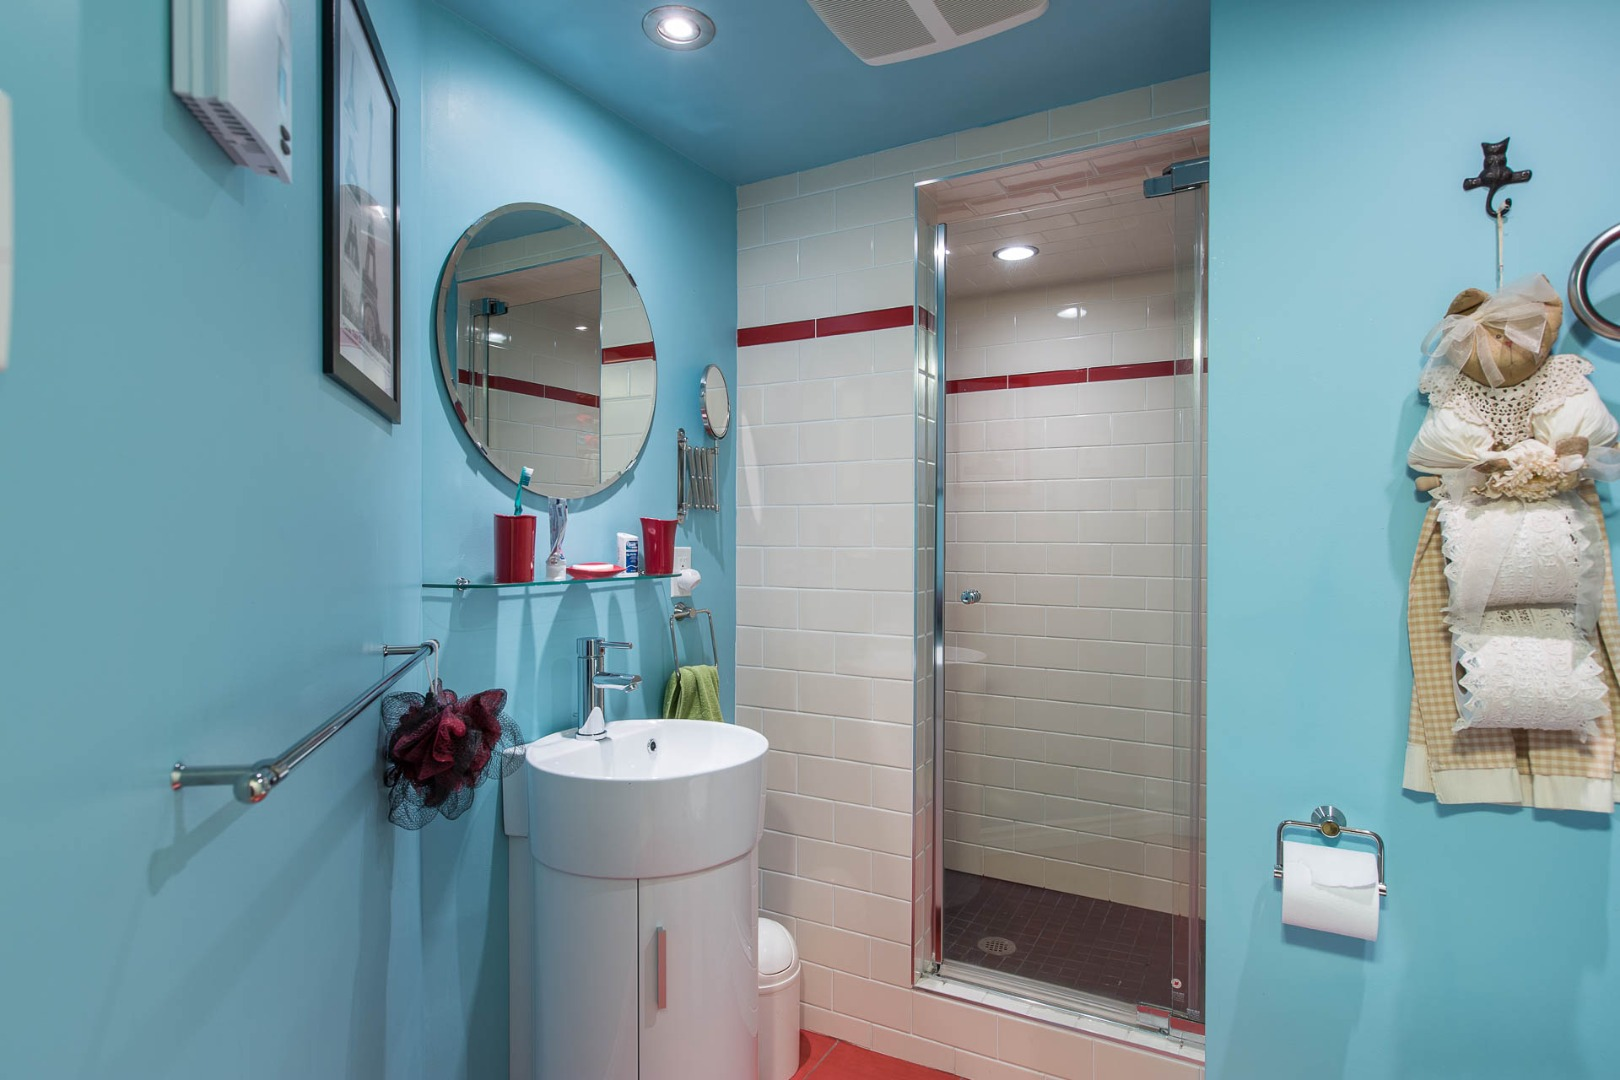 Triplex à vendre Montréal Rosemont / La Petite Patrie - Salle de bain